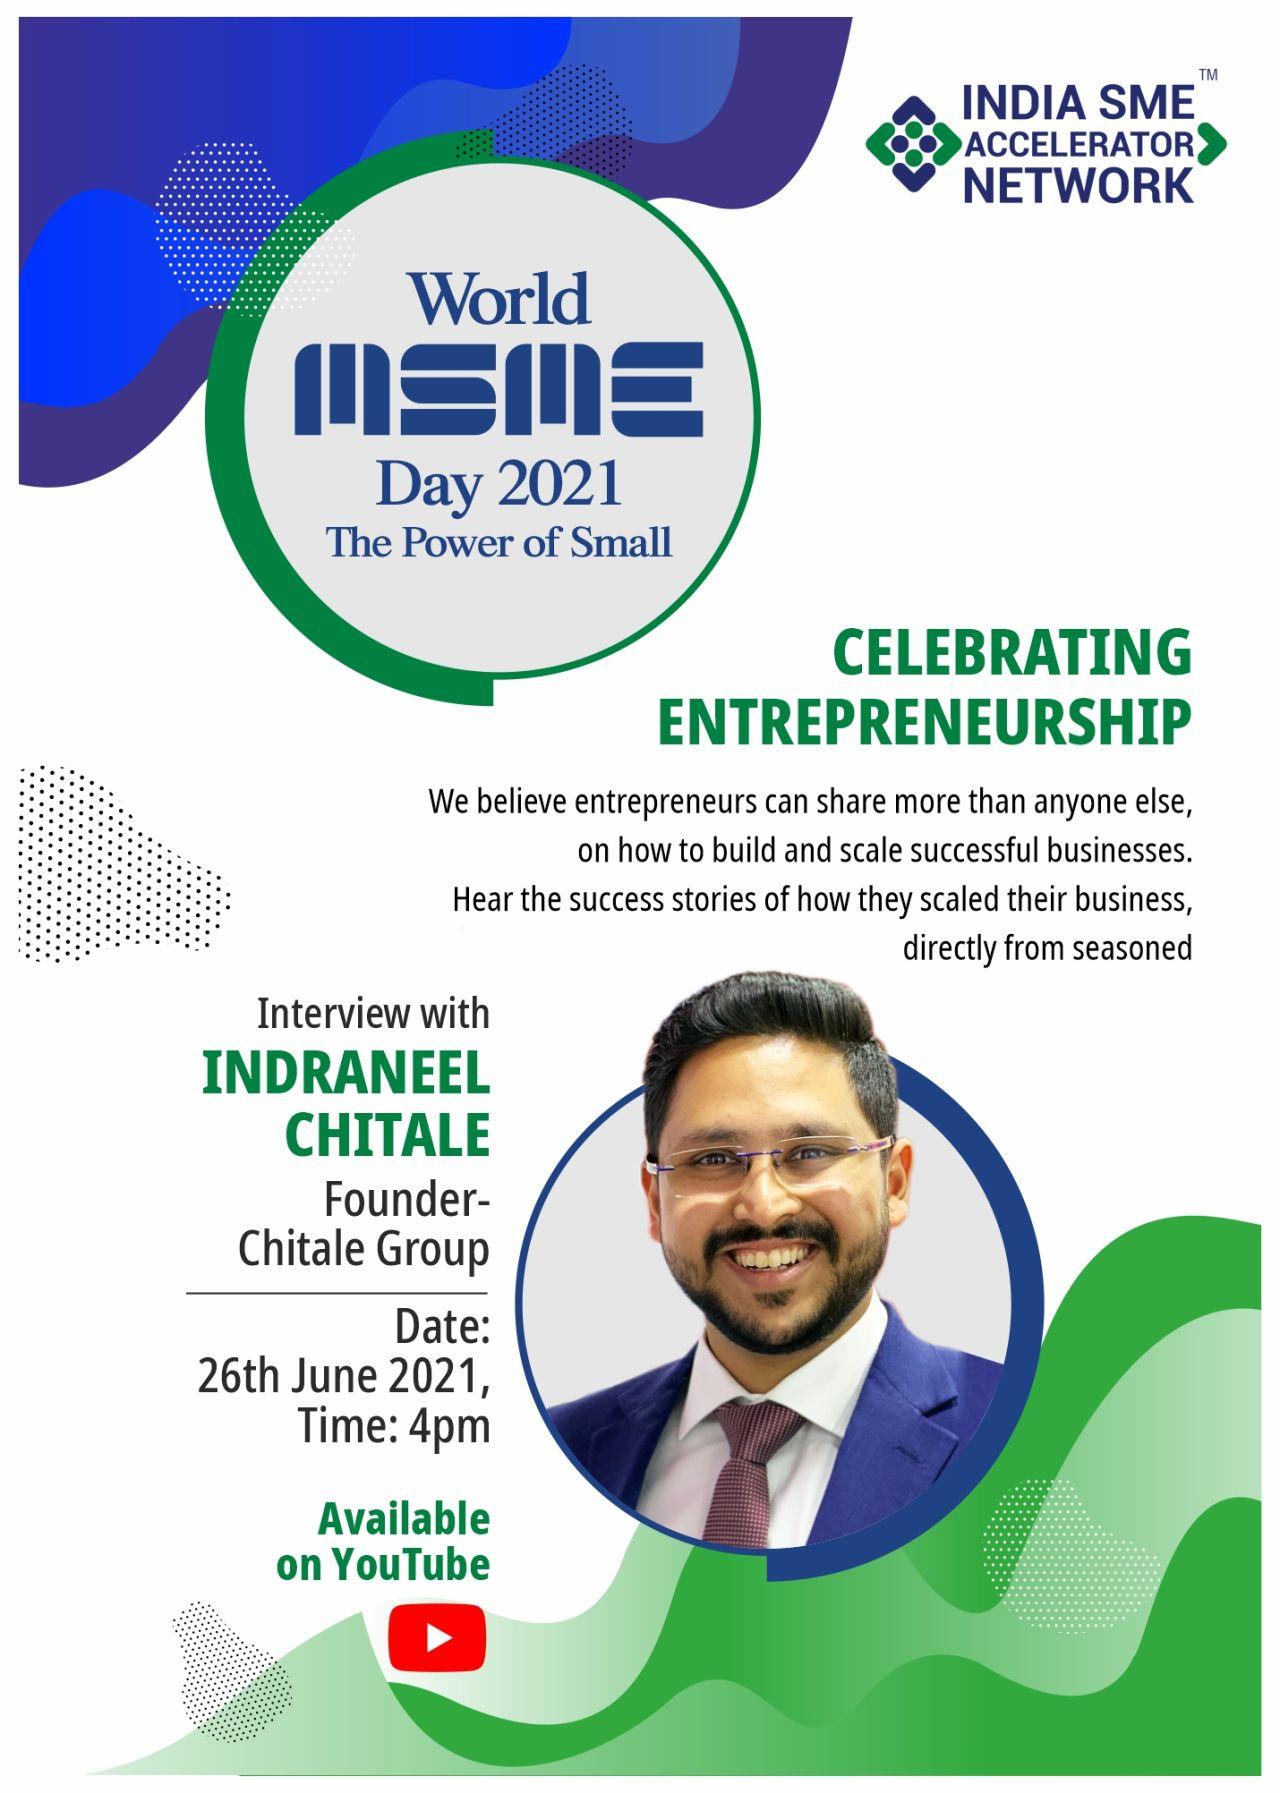 Entrepreneur Speak - Indraneel Chitale